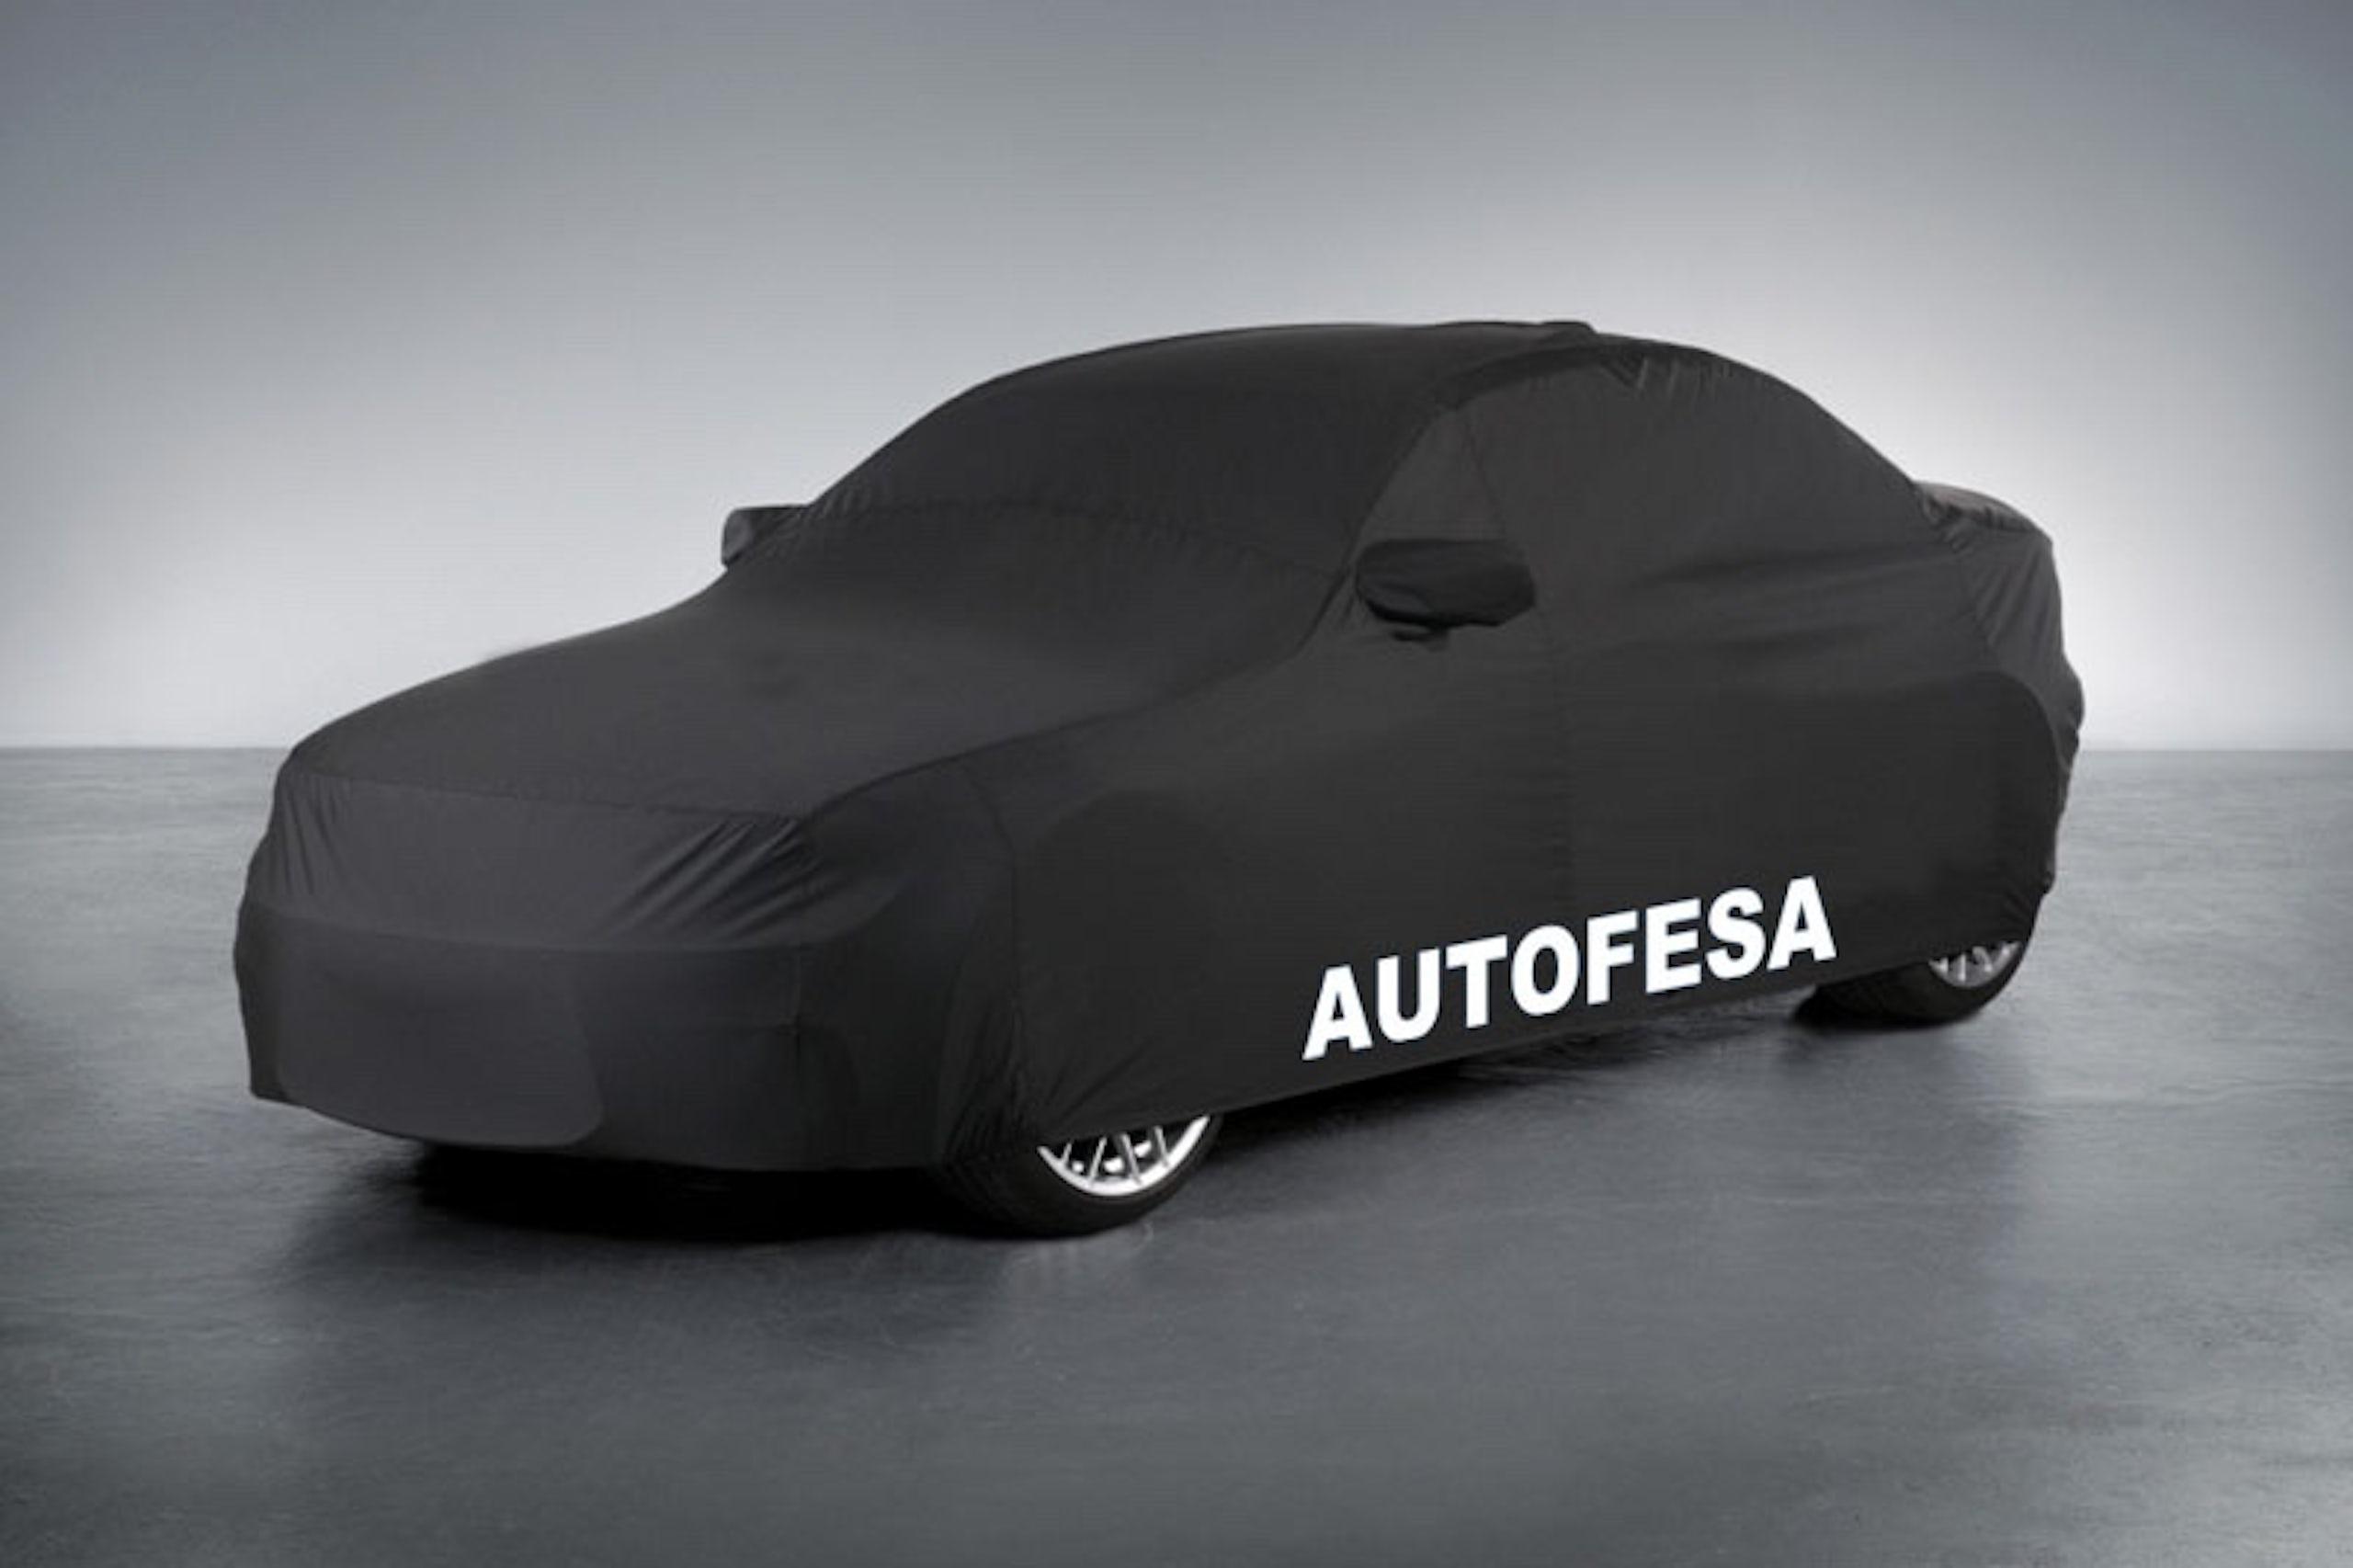 Mercedes-benz GLA 250 2.0 DCT 211cv AMG 4MATIC 7G Auto - Foto 23